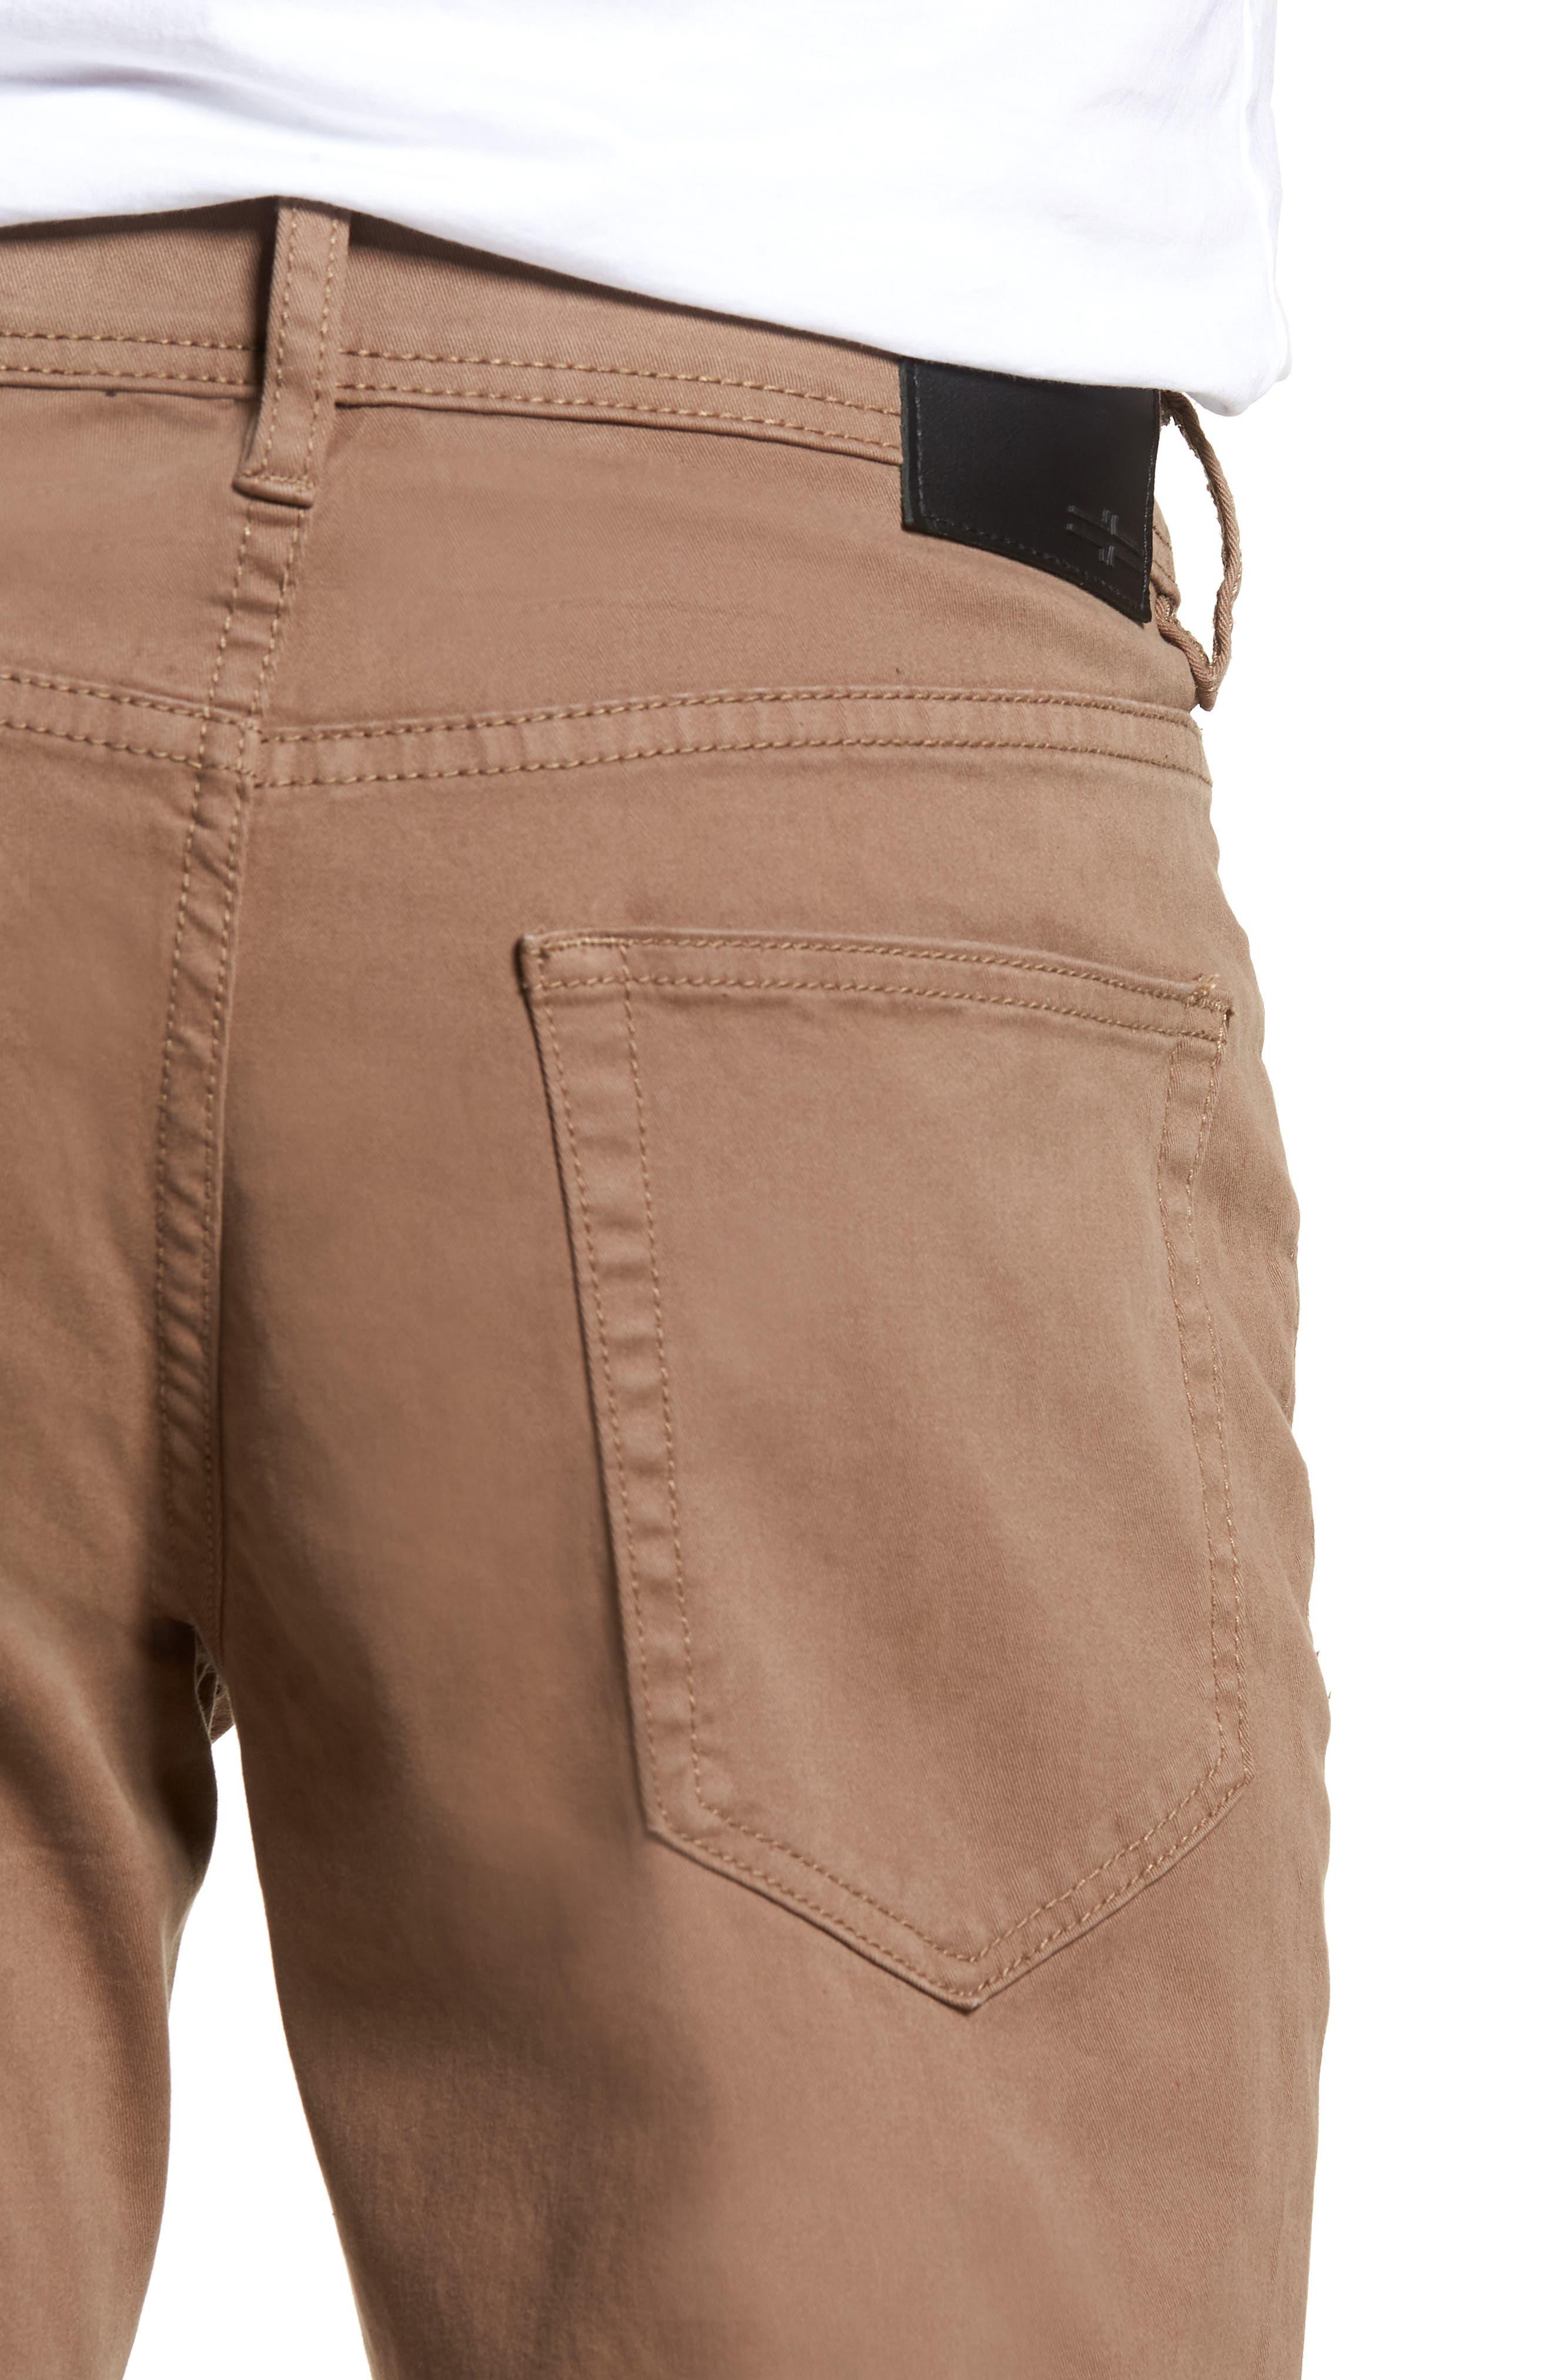 Jeans Co. Kingston Slim Straight Leg Jeans,                             Alternate thumbnail 4, color,                             CUB